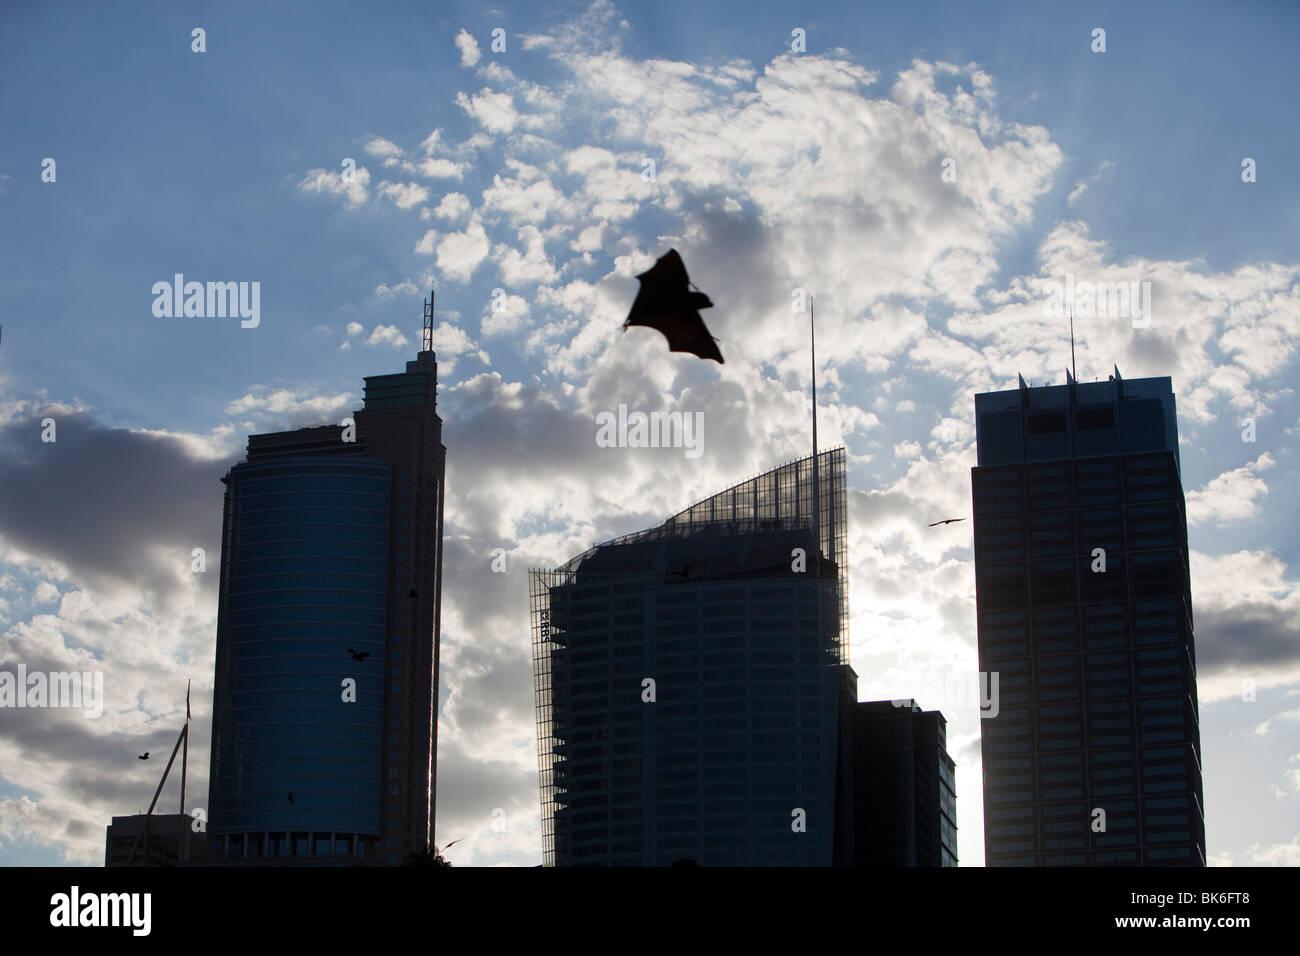 Le vol des chauves souris en face du centre-ville de Sydney tower blocks, l'Australie. Banque D'Images